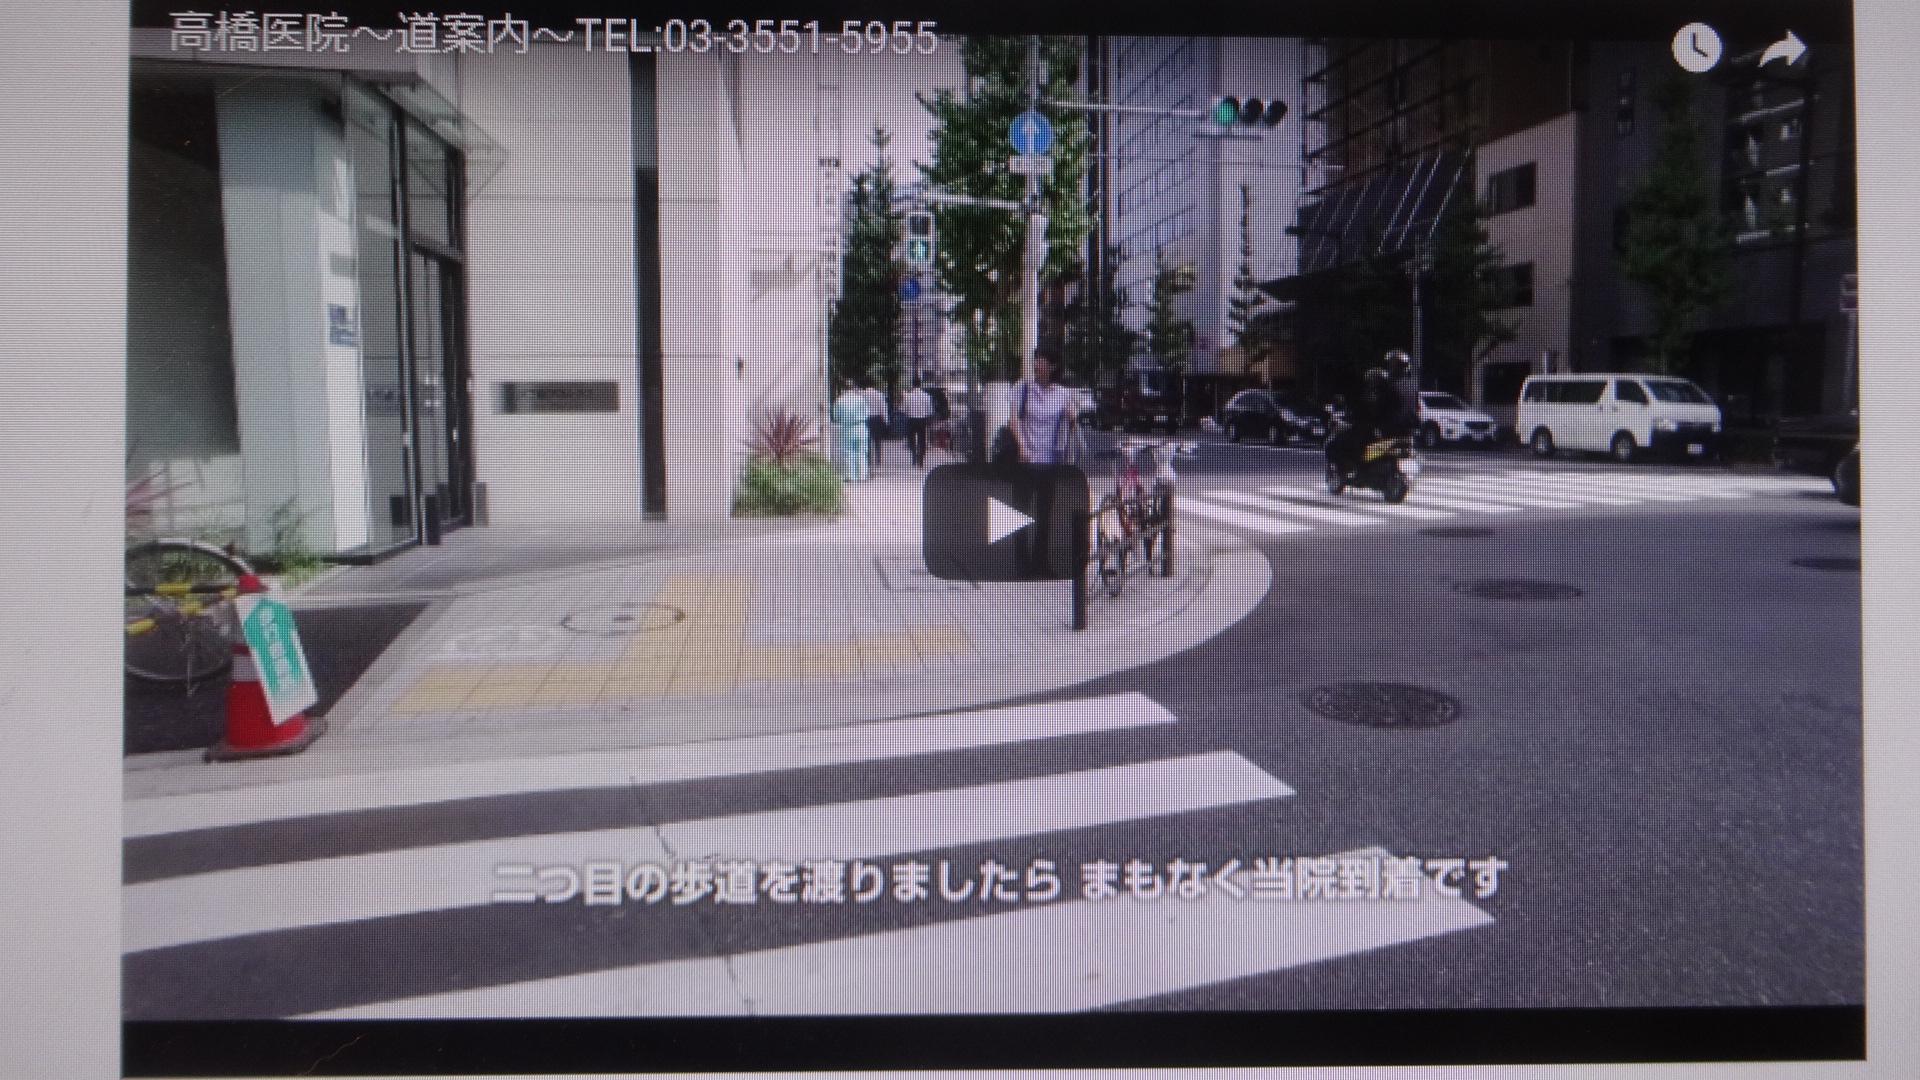 医院への道案内を示す動画